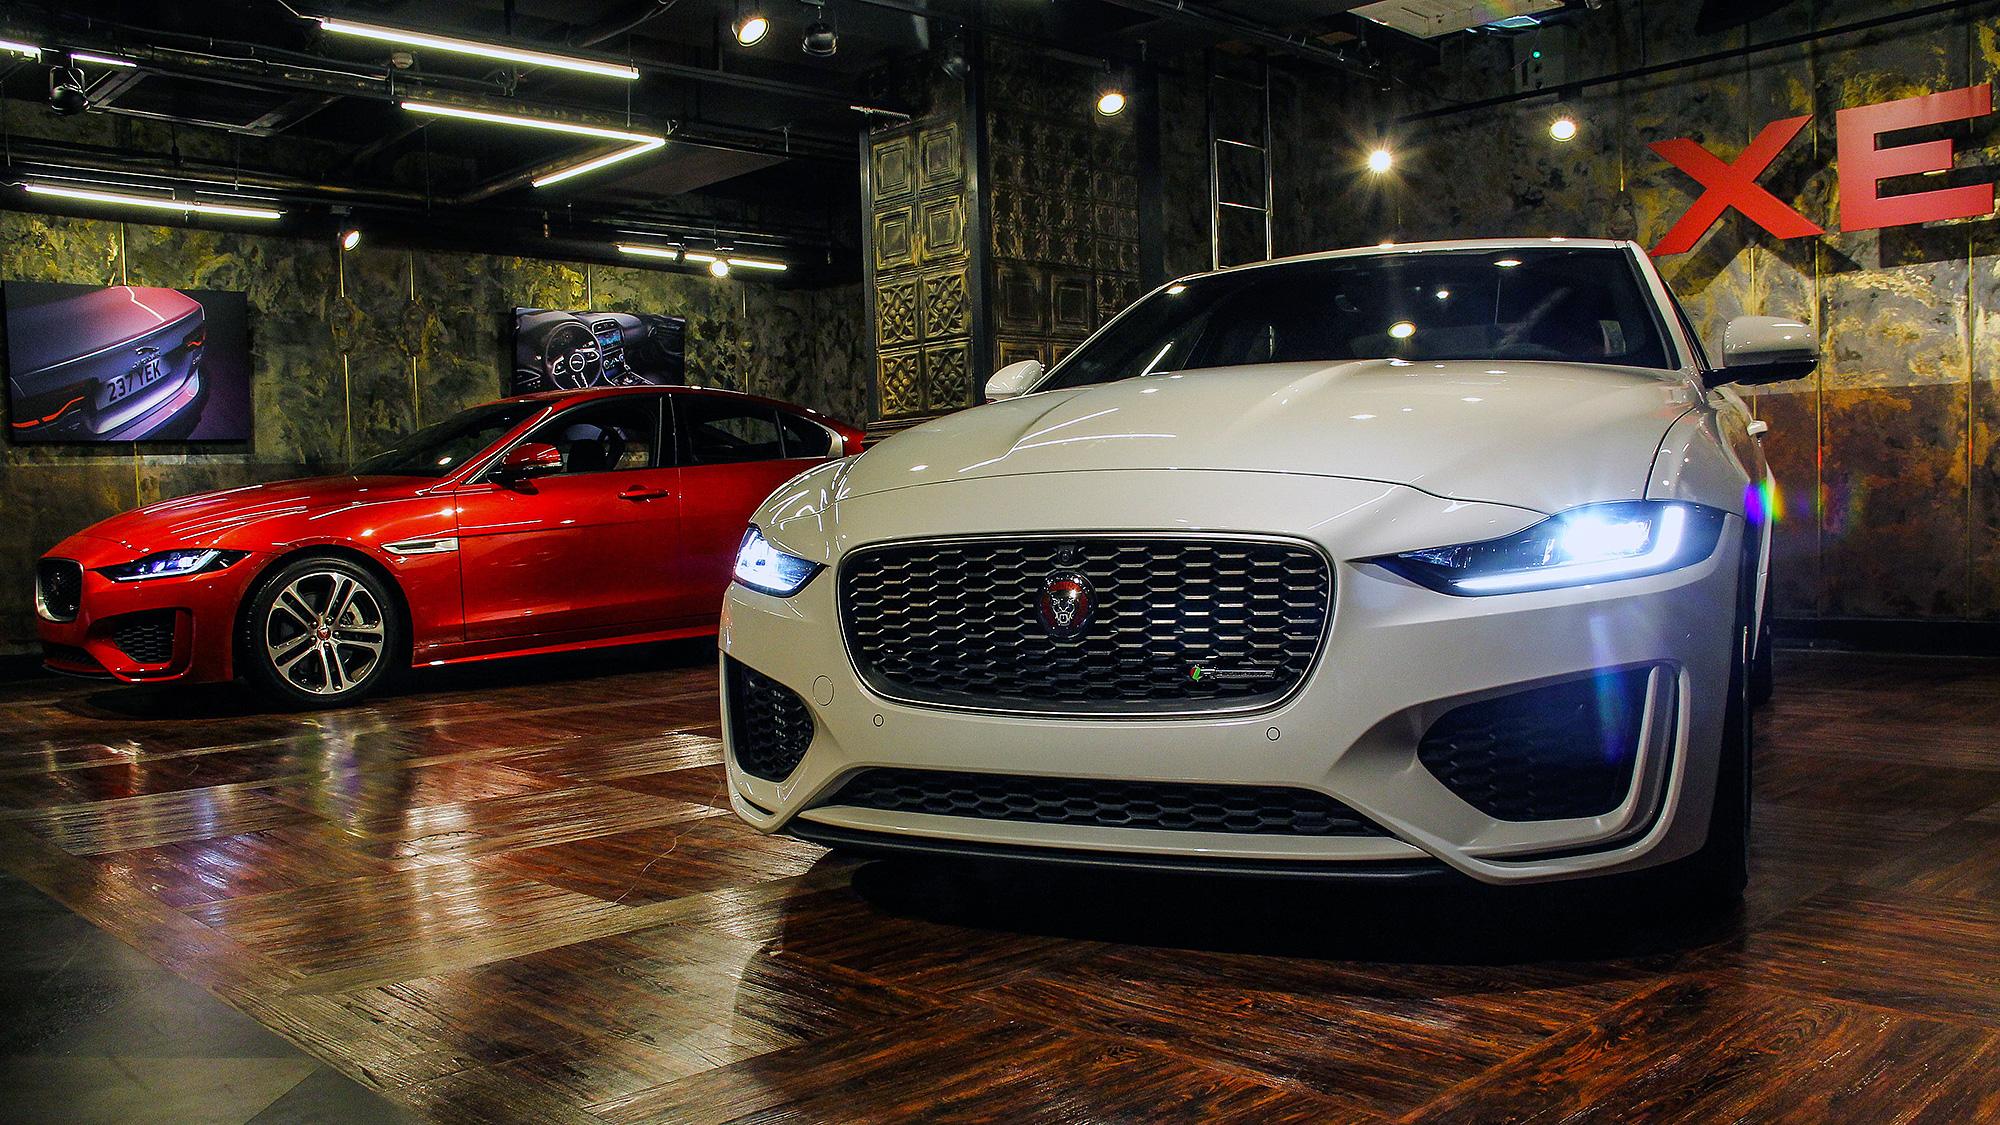 Jaguar XE 小改款 219 萬元起預售起跑,車型縮編預告台北車展上市